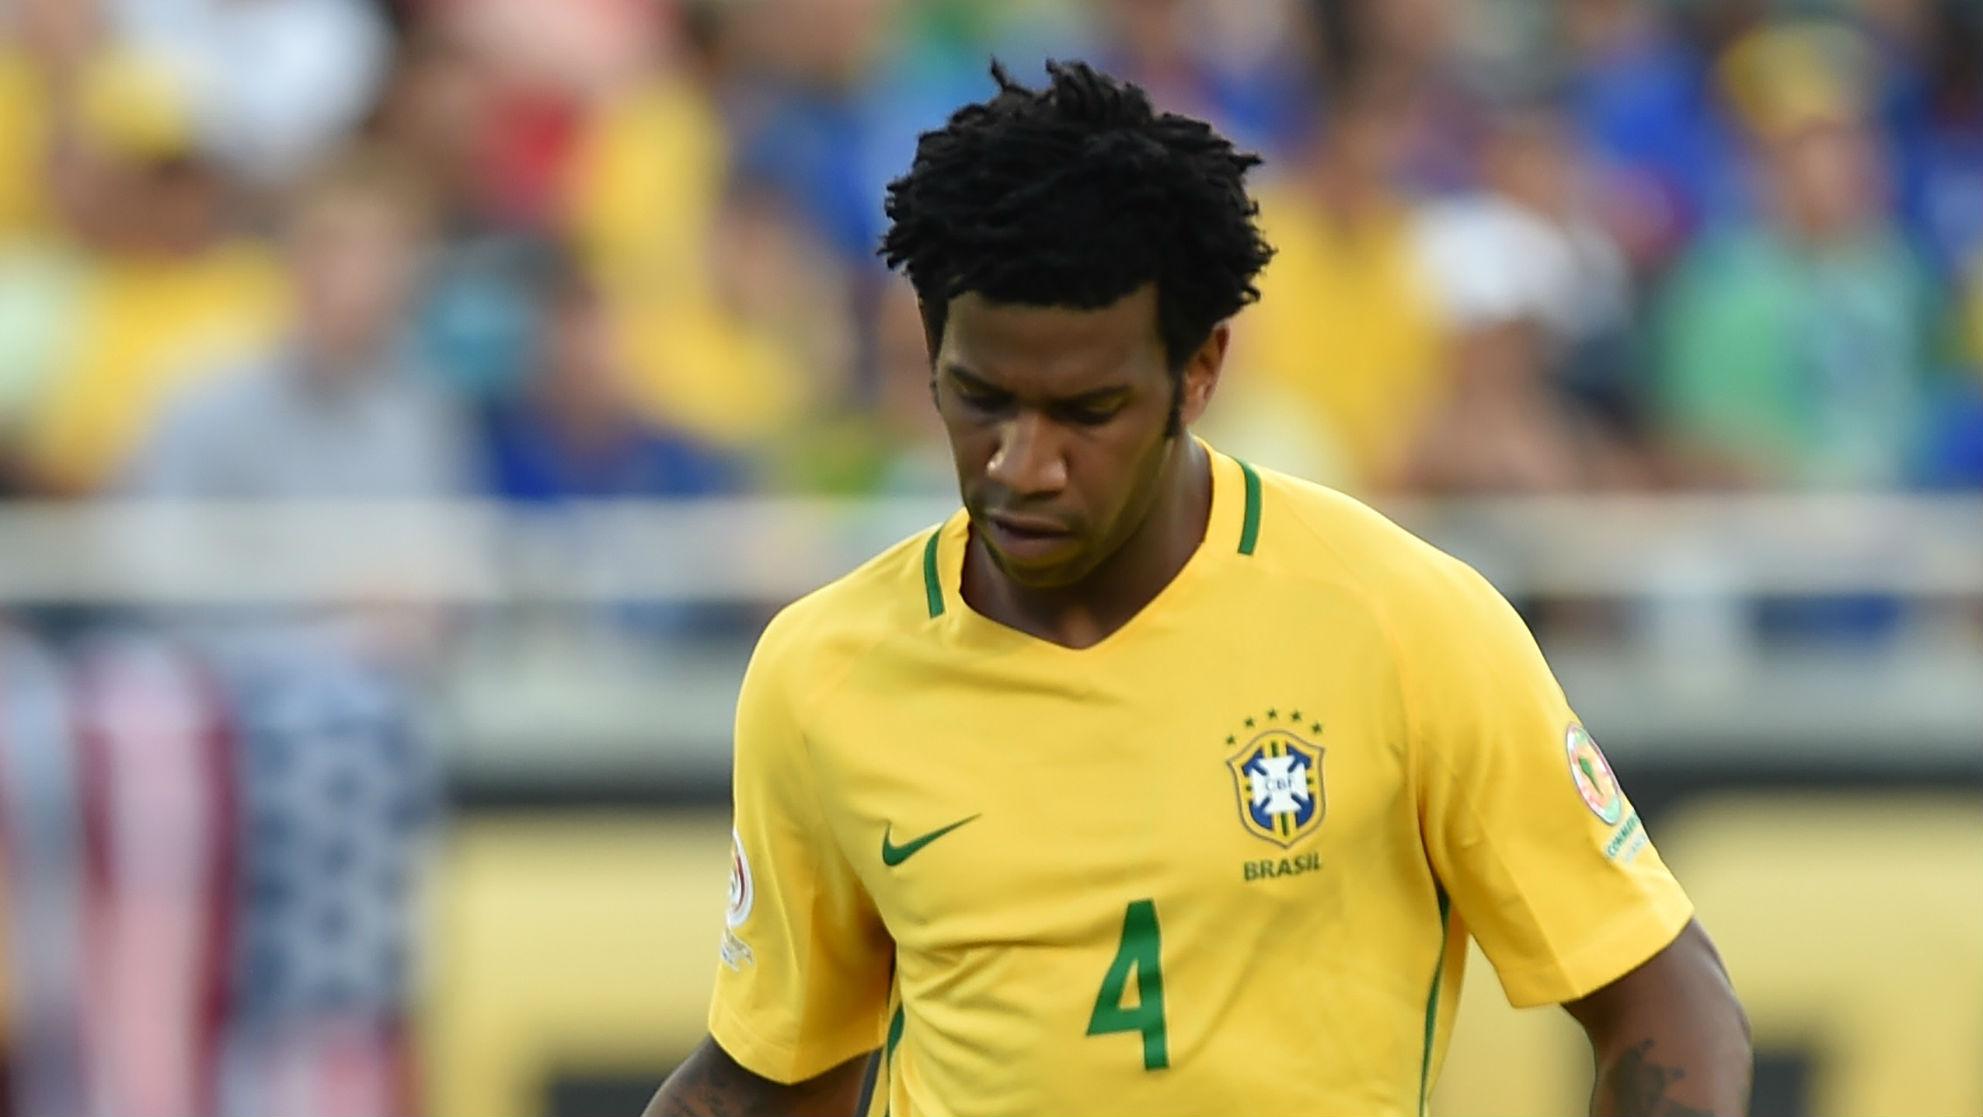 Gil Seleção Brasileira Haiti 09062016 - Goal.com